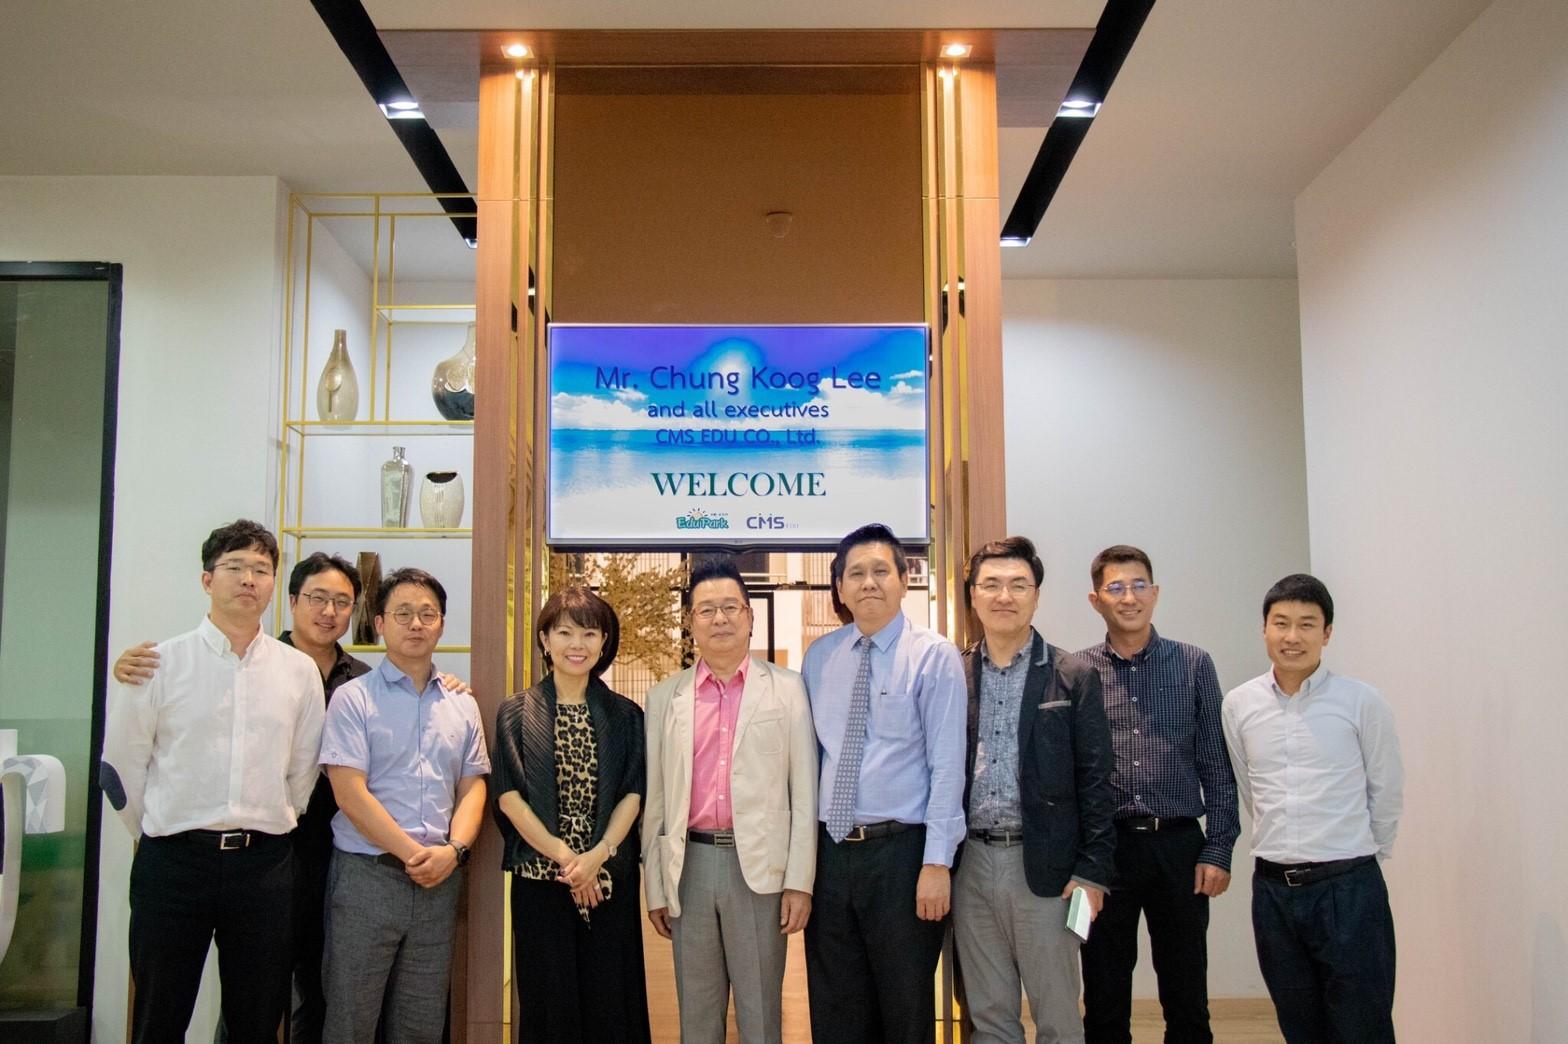 ประชุมแลกเปลี่ยนความคิดเห็นในการทำงานร่วมกันระหว่าง CMS Edu Co., Ltd. ประเทศเกาหลีใต้ และบริษัท เอดู พาร์ค (KingClass Academy สำนักงานใหญ่)